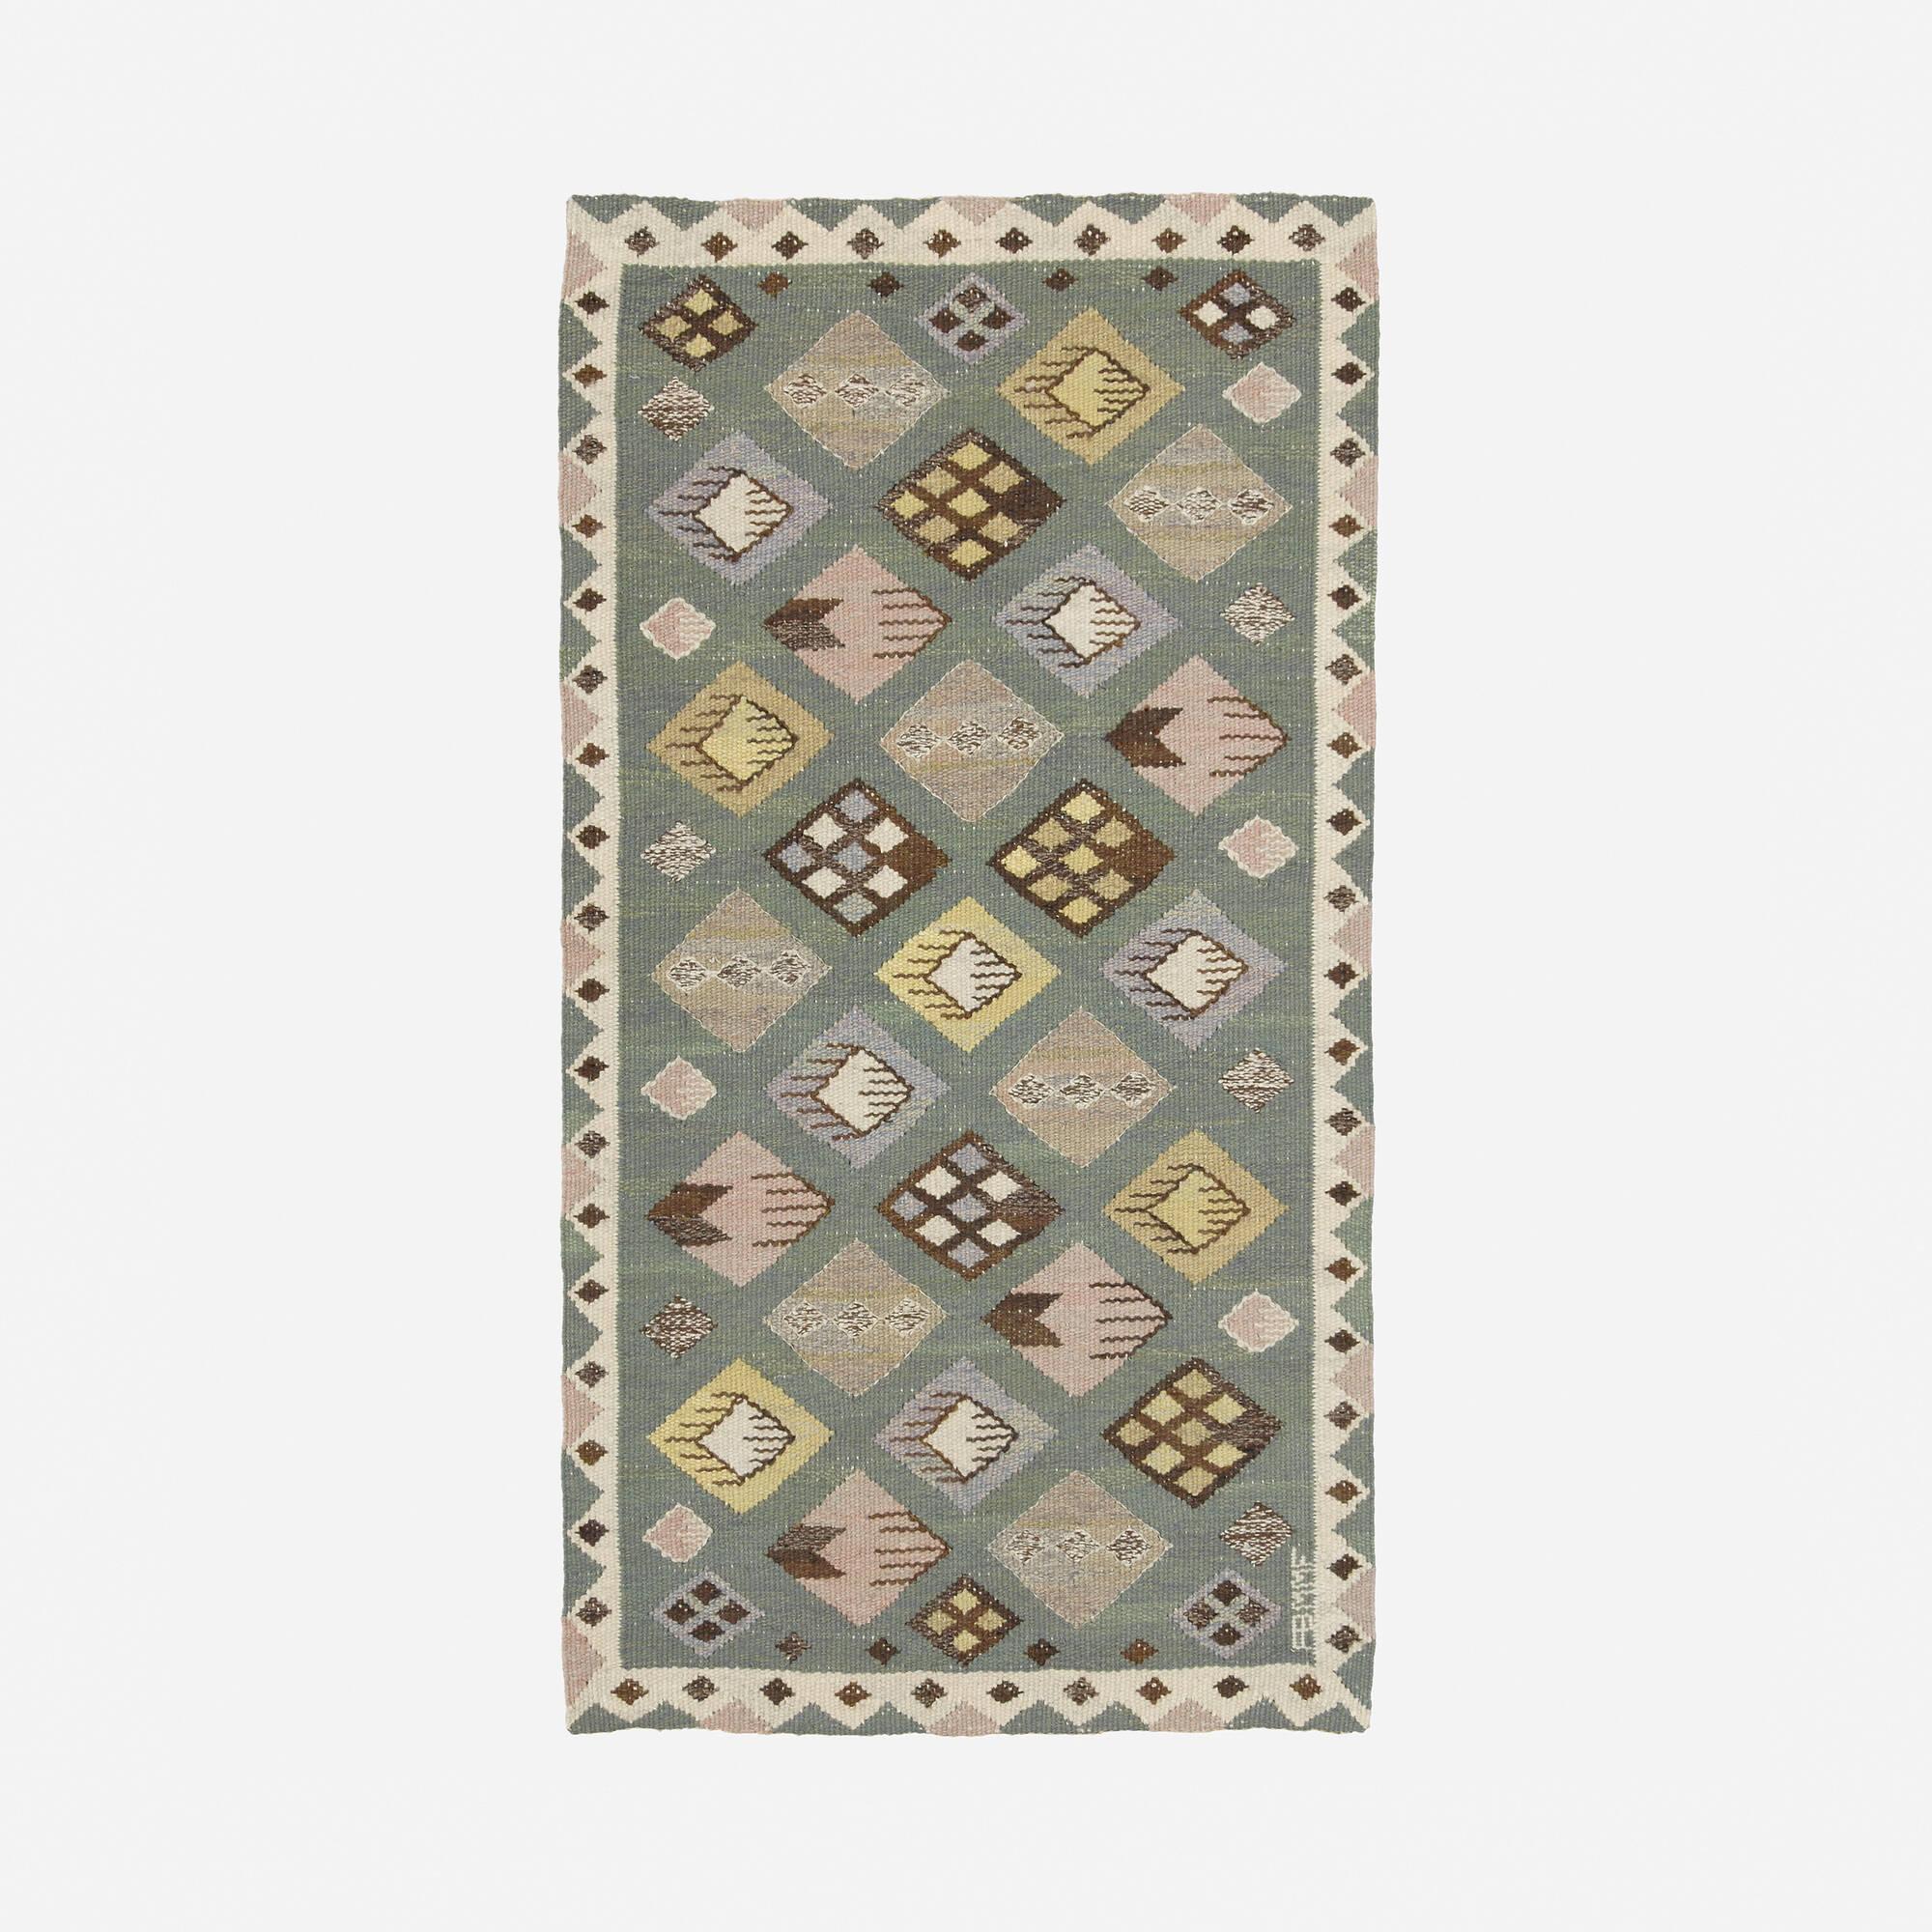 156: Märta Måås-Fjetterström / Knoppen tapestry weave carpet (1 of 1)